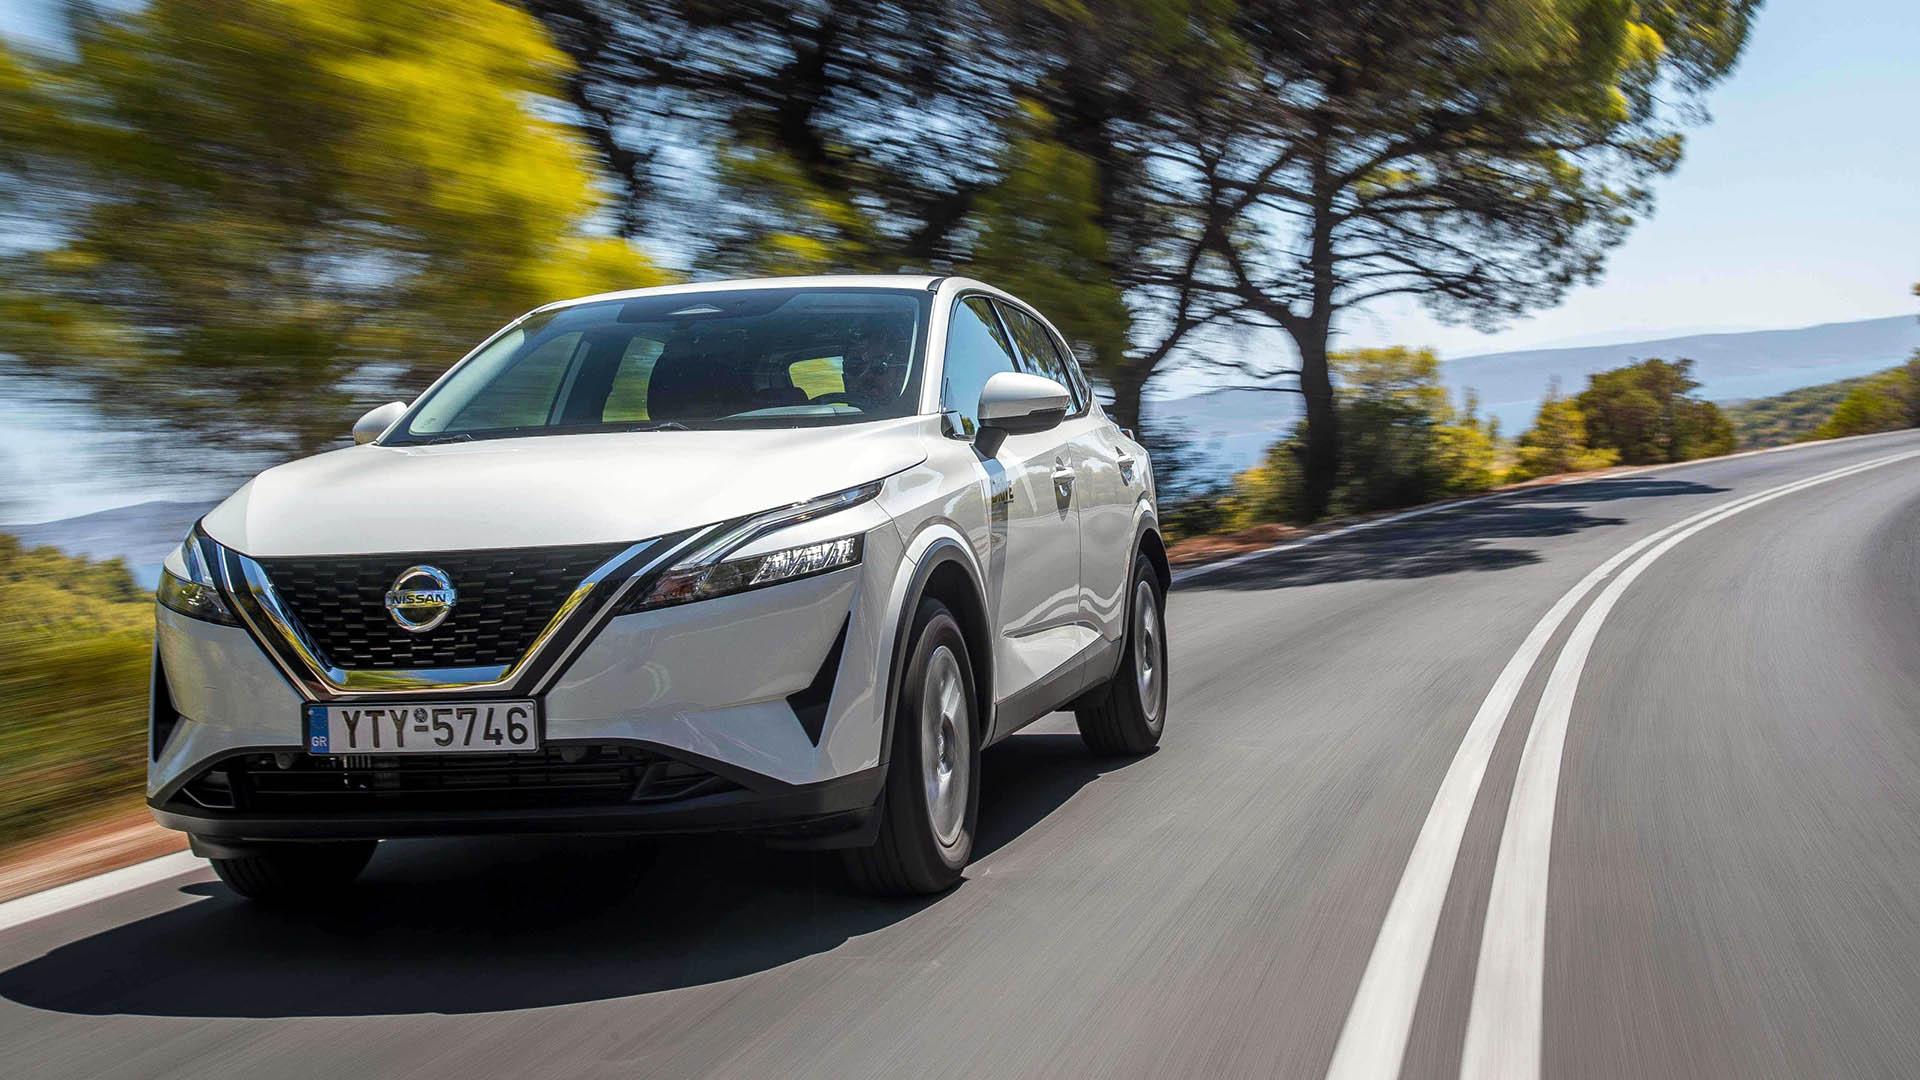 Άξιζε την αναμονή το νέο Nissan Qashqai; Το δοκιμάζουμε και αναφέρουμε! (video)